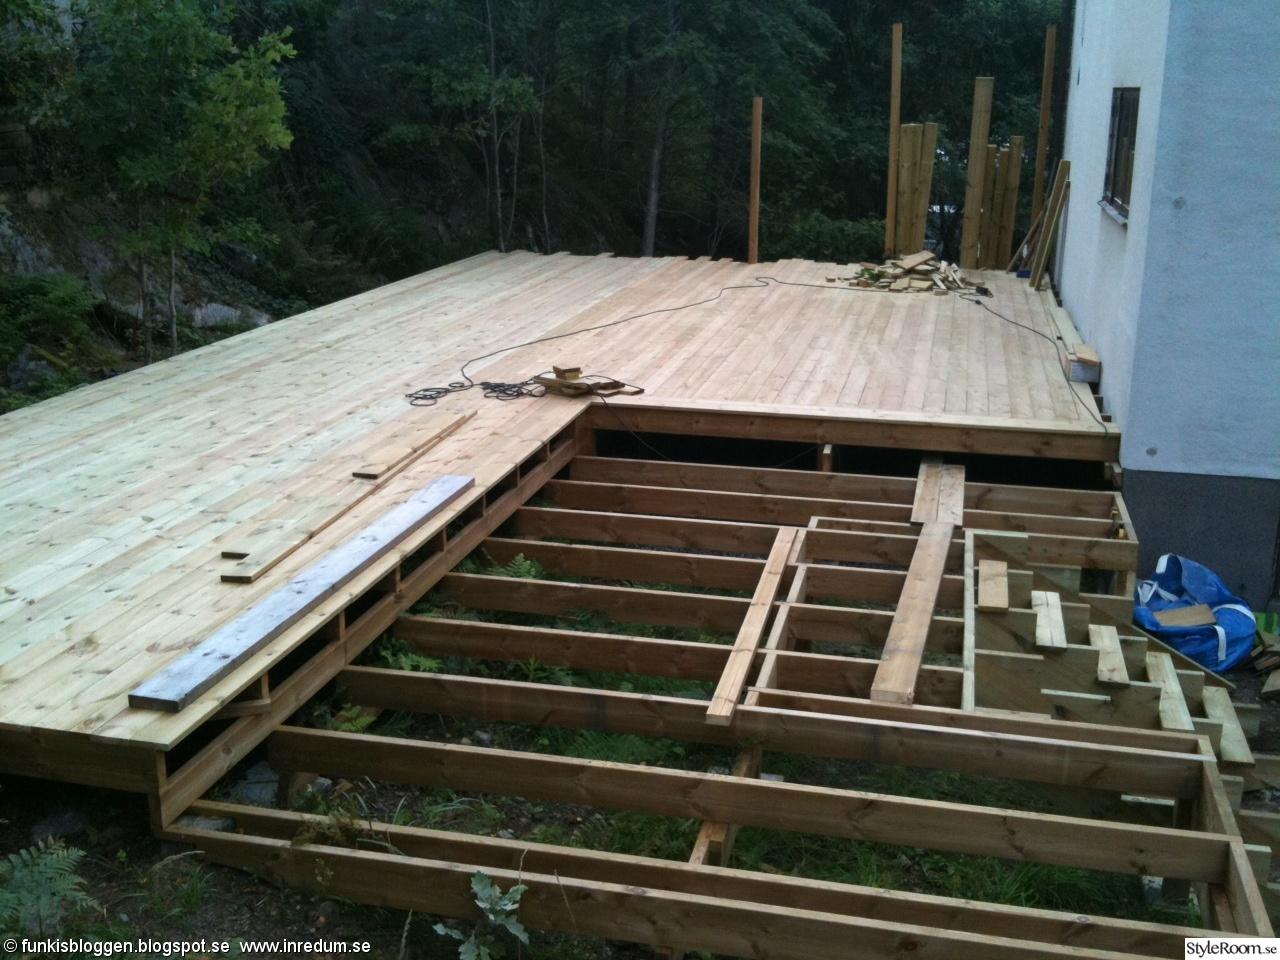 Högt betygsatt 11123409456 Att Bygga Altan, Få idéer, exempel ... : att bygga altan : Inredning